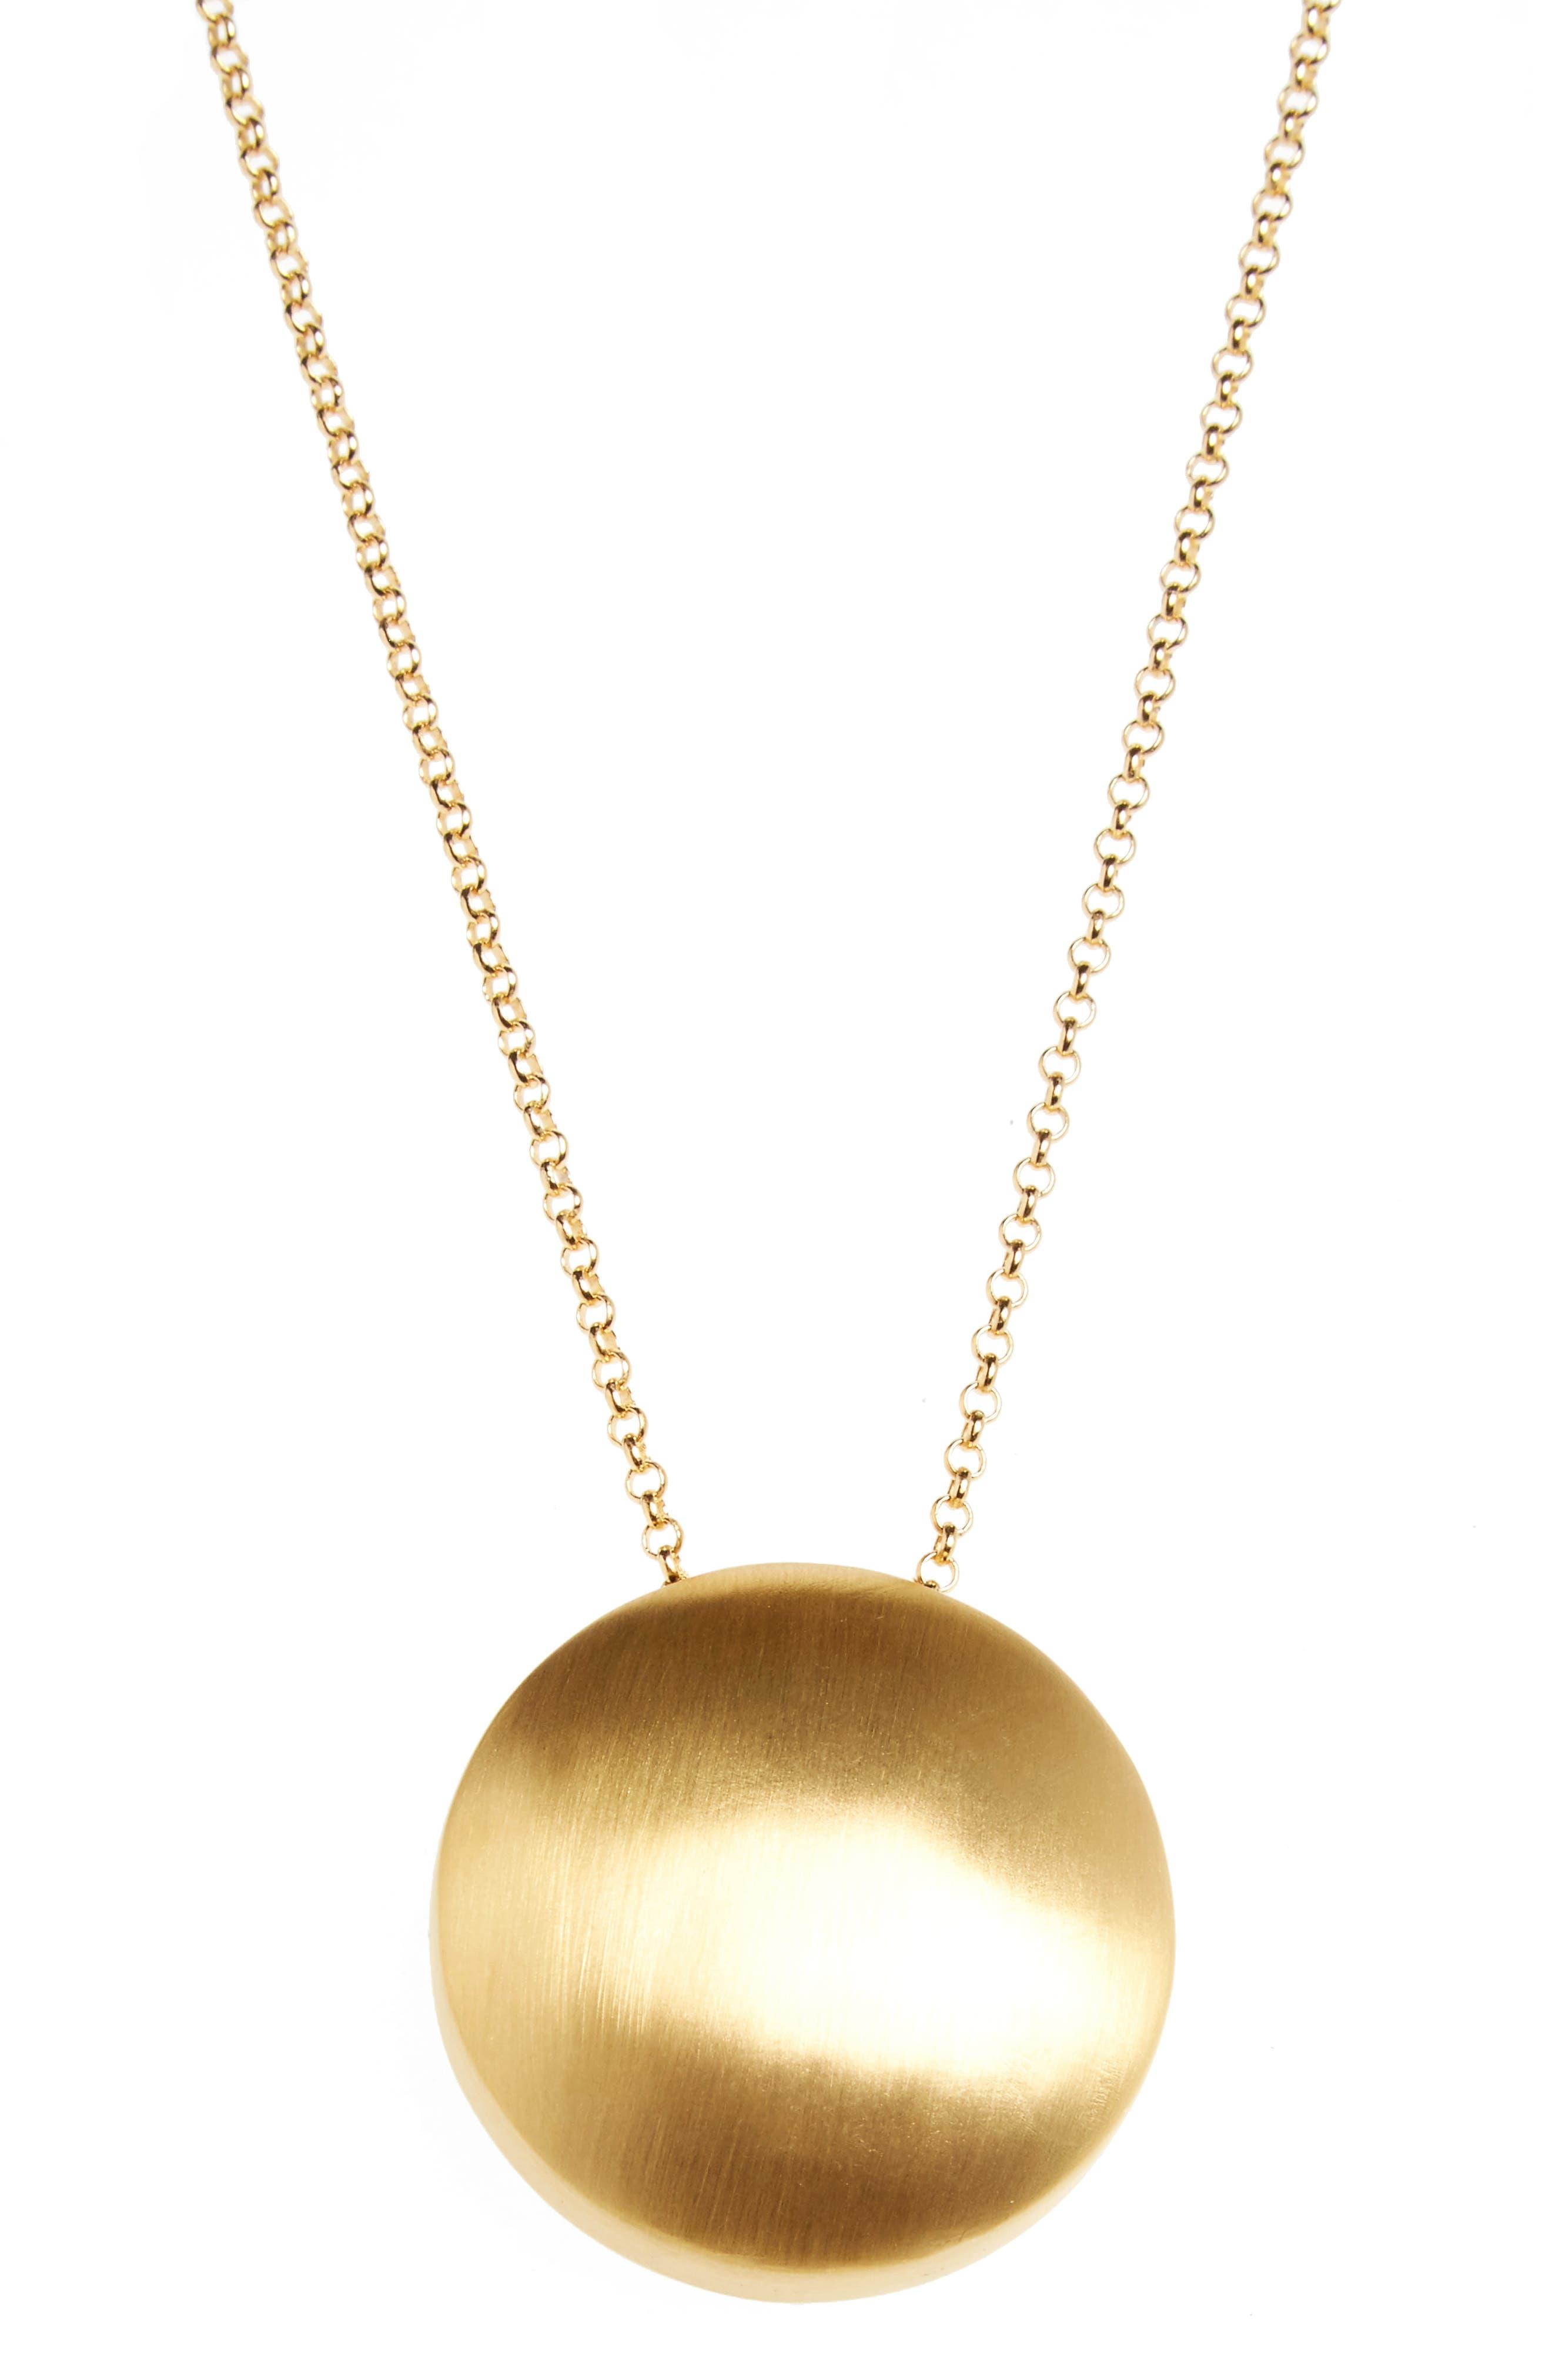 Sphere Pendant Necklace,                             Alternate thumbnail 4, color,